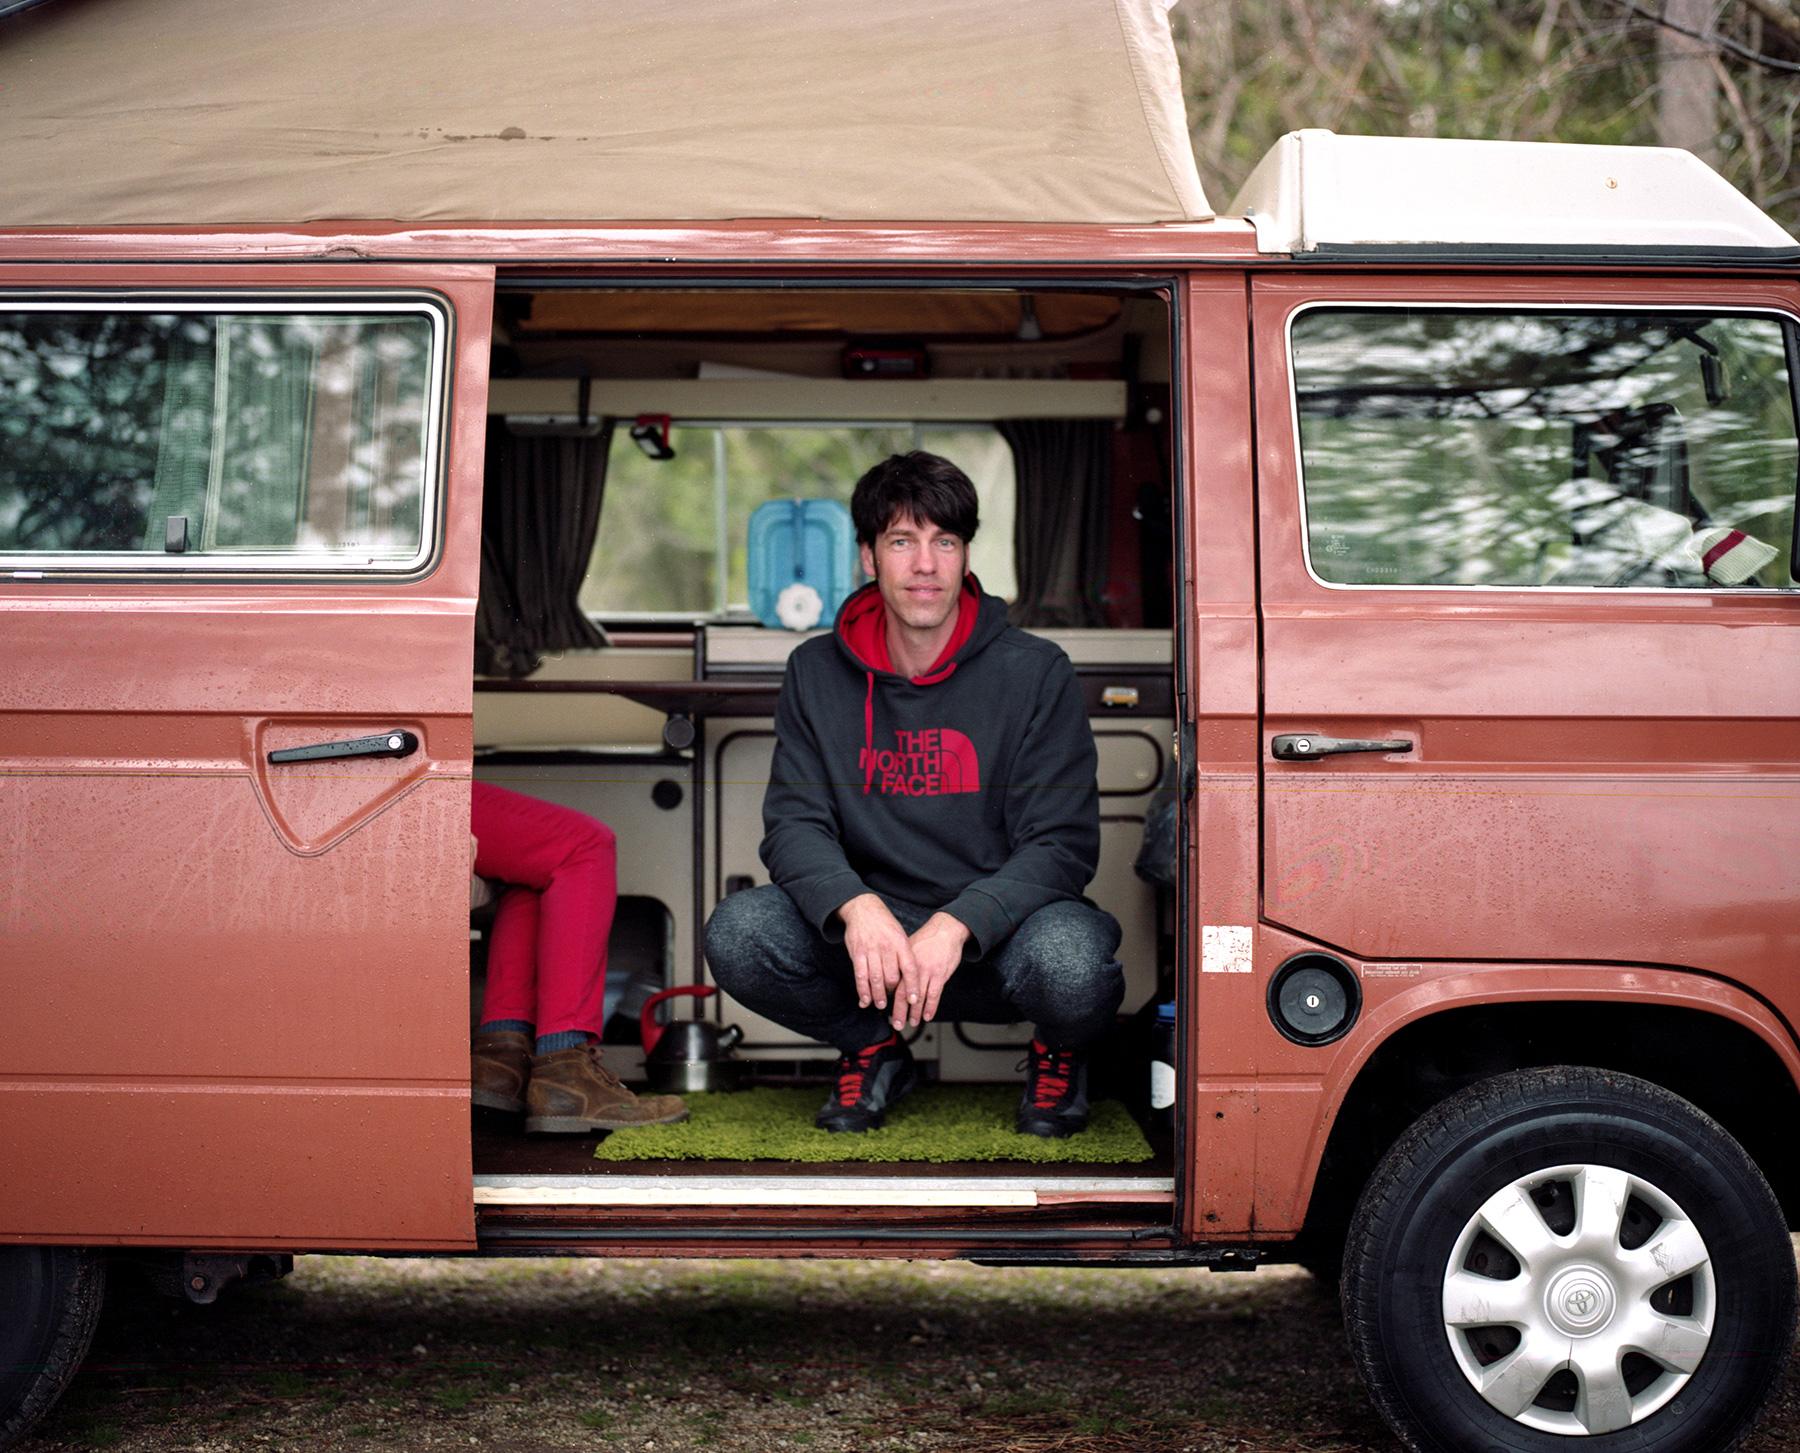 Camping Mamiyar rz67 Kodak Portra 160 Medium Format Photography